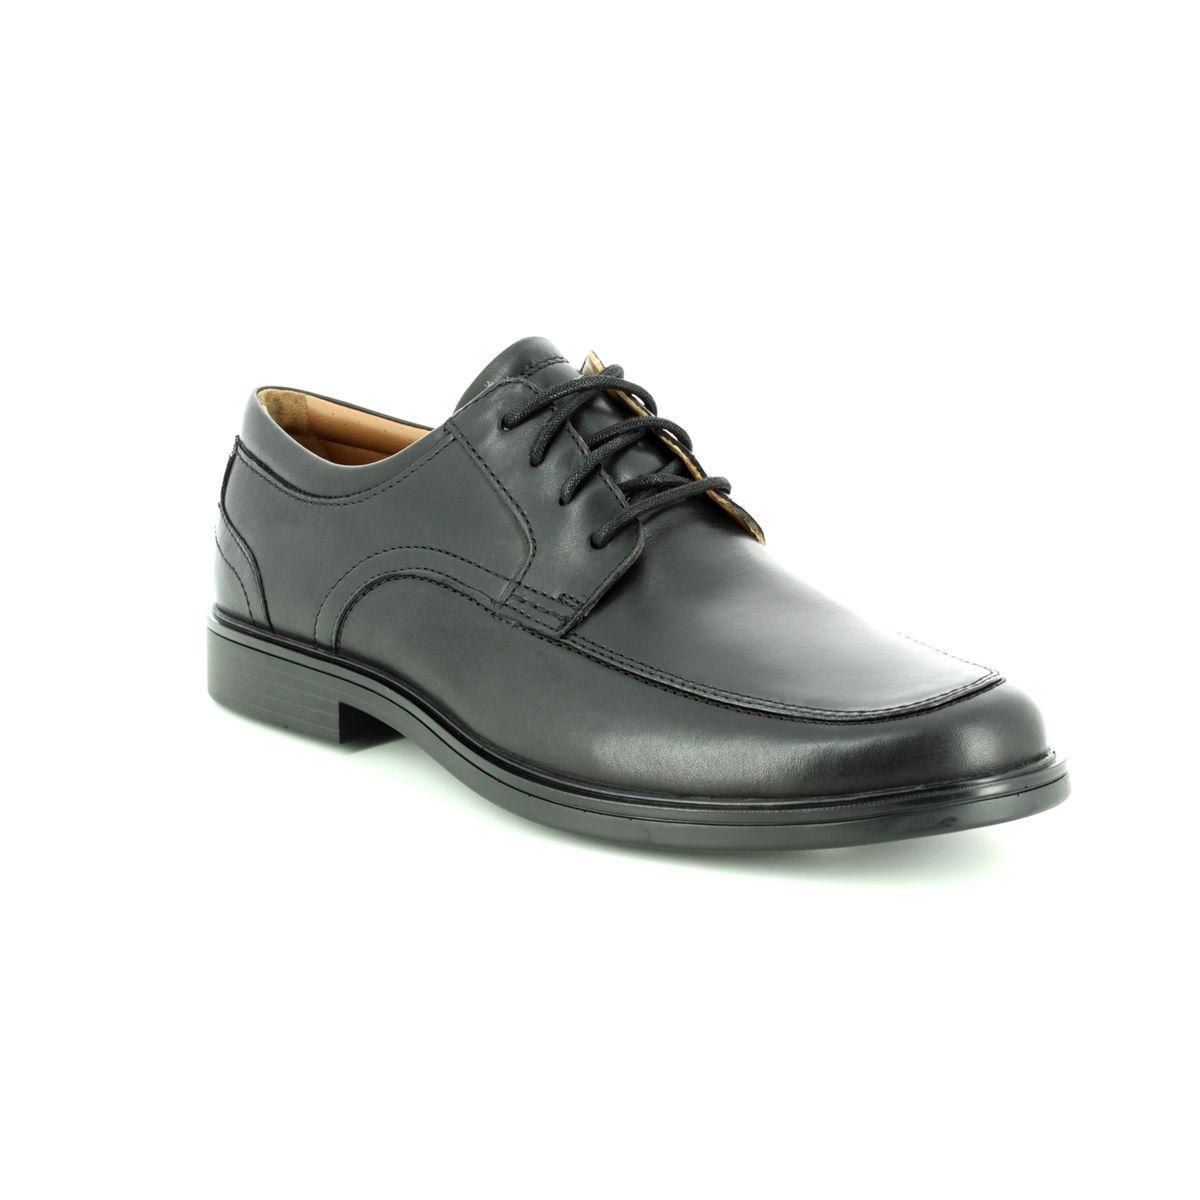 624830018e33f Clarks Formal Shoes - Black leather - 3257/67G UN ALDRIC PARK